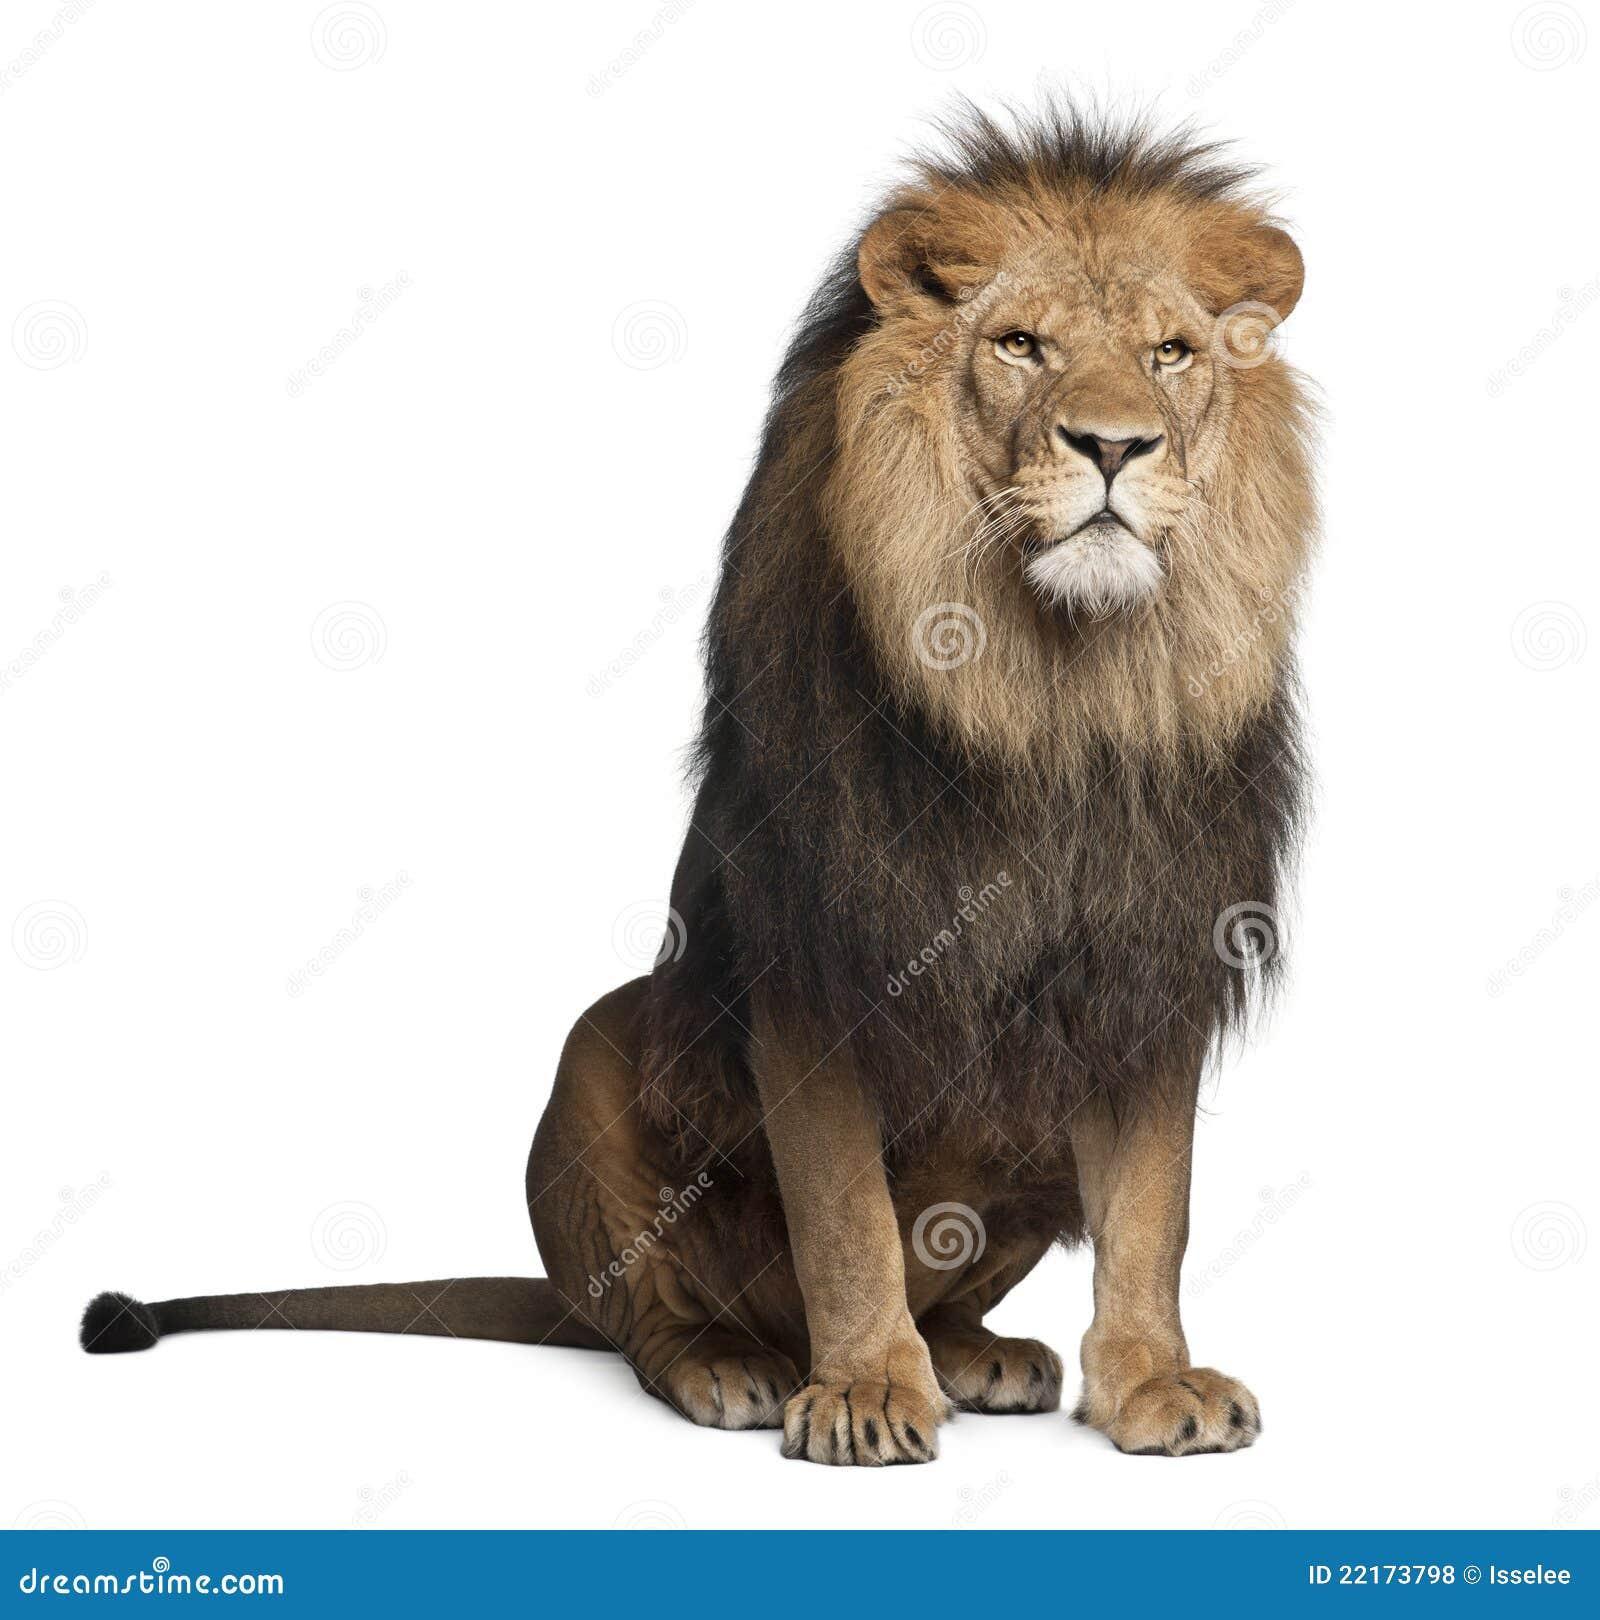 Leeuw, Panthera leo, 8 jaar oud, het zitten